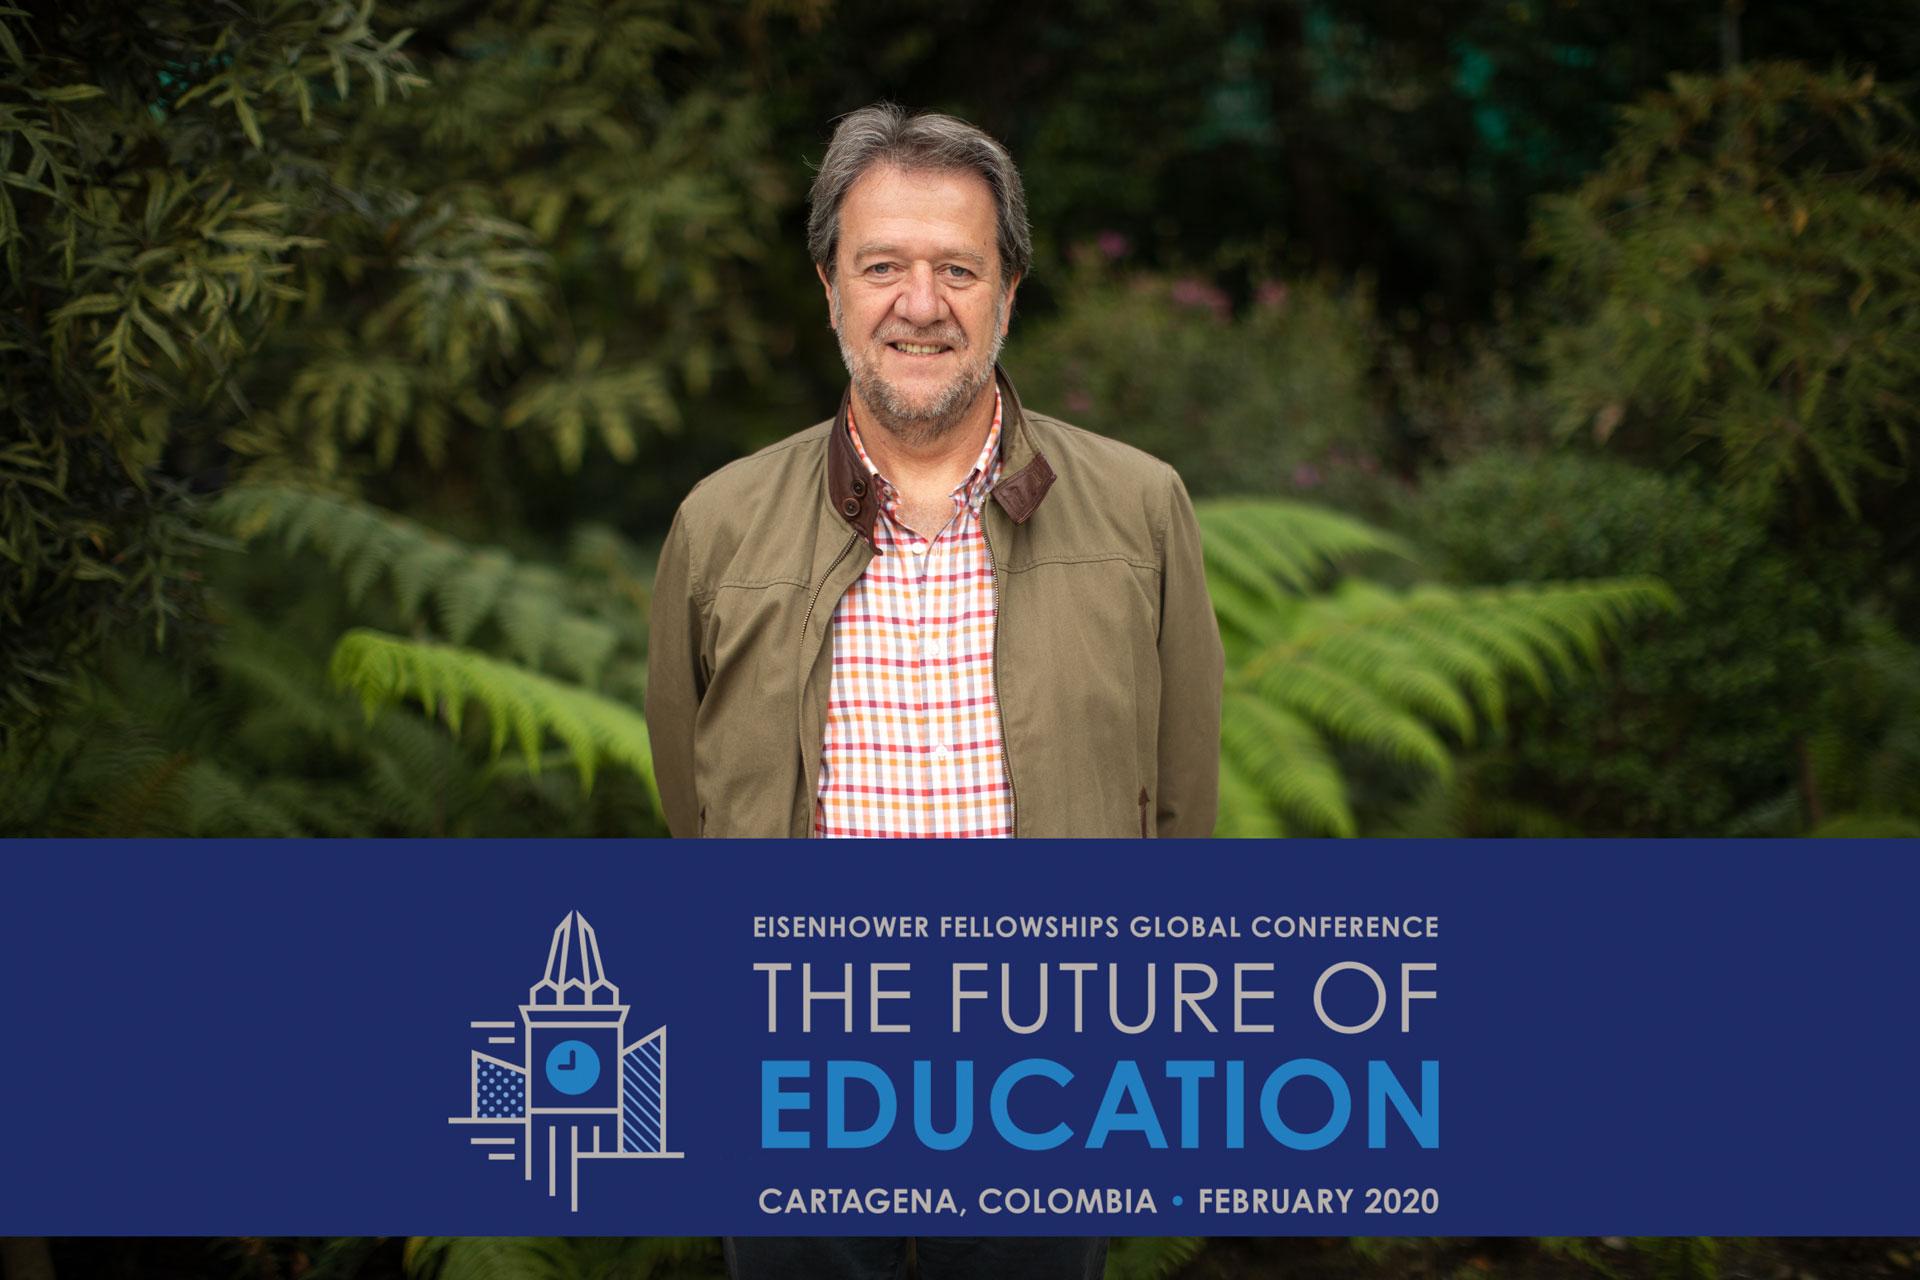 La música puede derribar barreras para educar: participación de nuestro profesor Oscar Acevedo en el foro The Future of Education